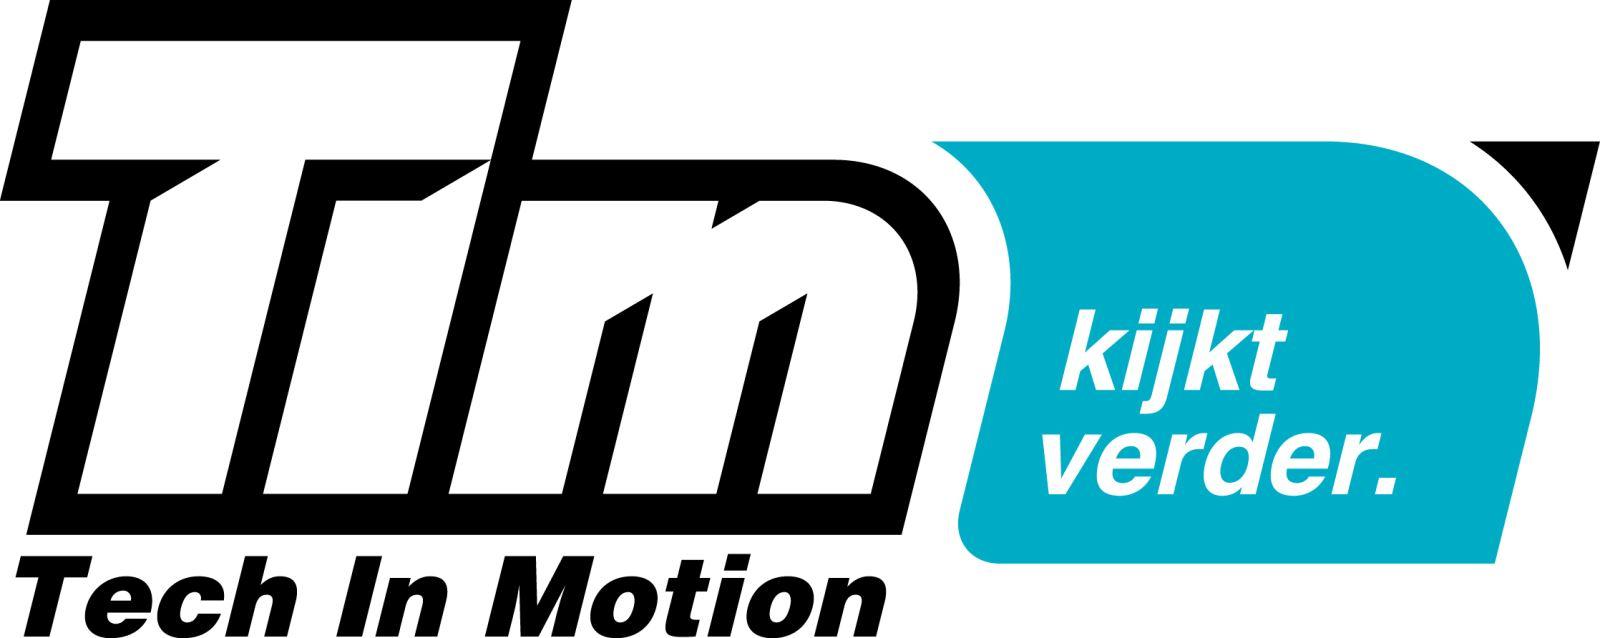 TIM kijkt verder - Tech in Motion